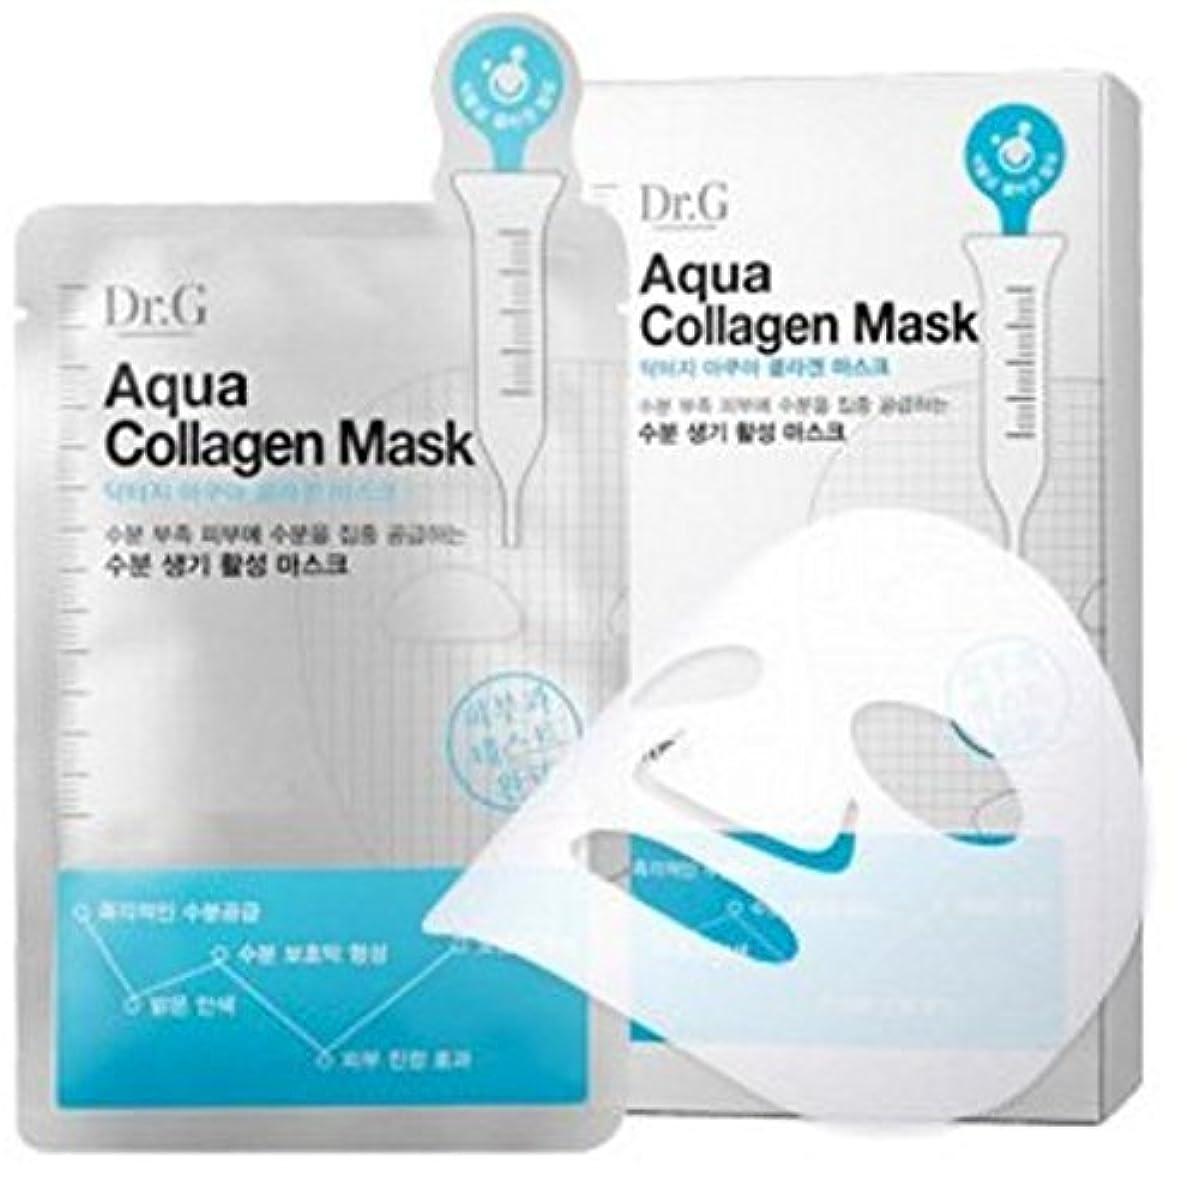 Dr. G [ドクター ジー] アクア コラーゲン マスク 10枚 [並行輸入品]